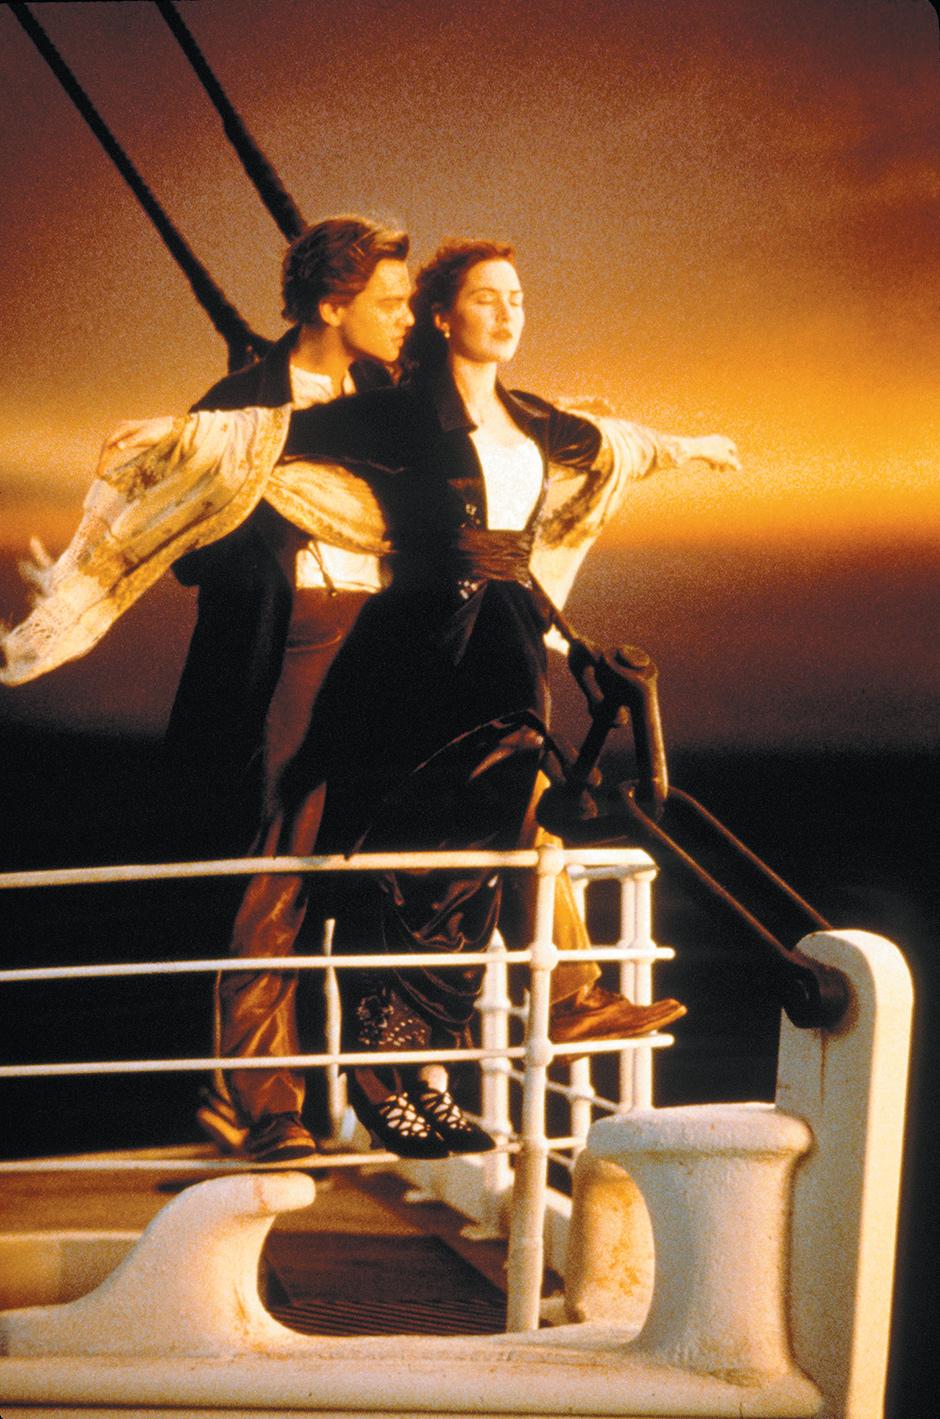 Leonardo Di Caprio and Kate Winslet in Titanic, 1997